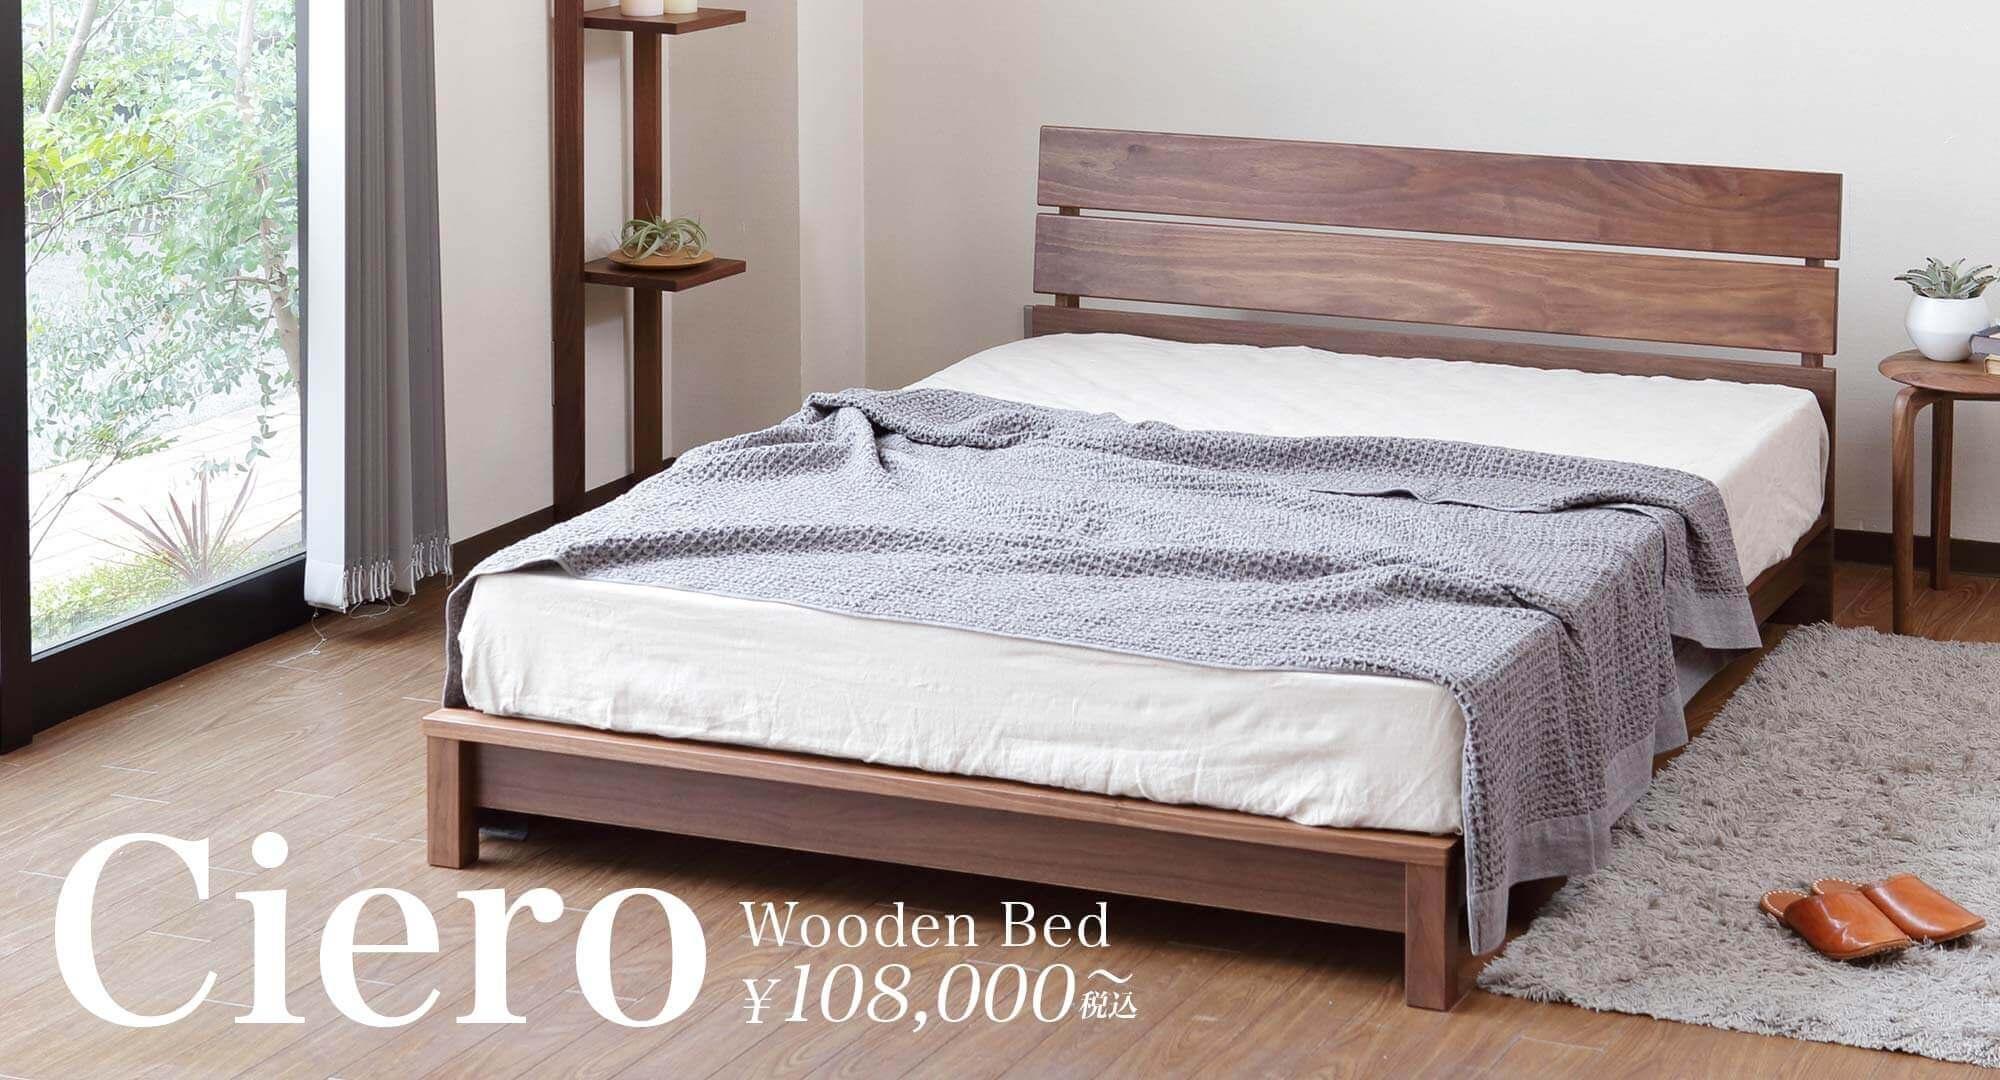 木の宝石と称される高級木材ウォールナットを使用した軽やかな印象を与える国産ベッド シエロ